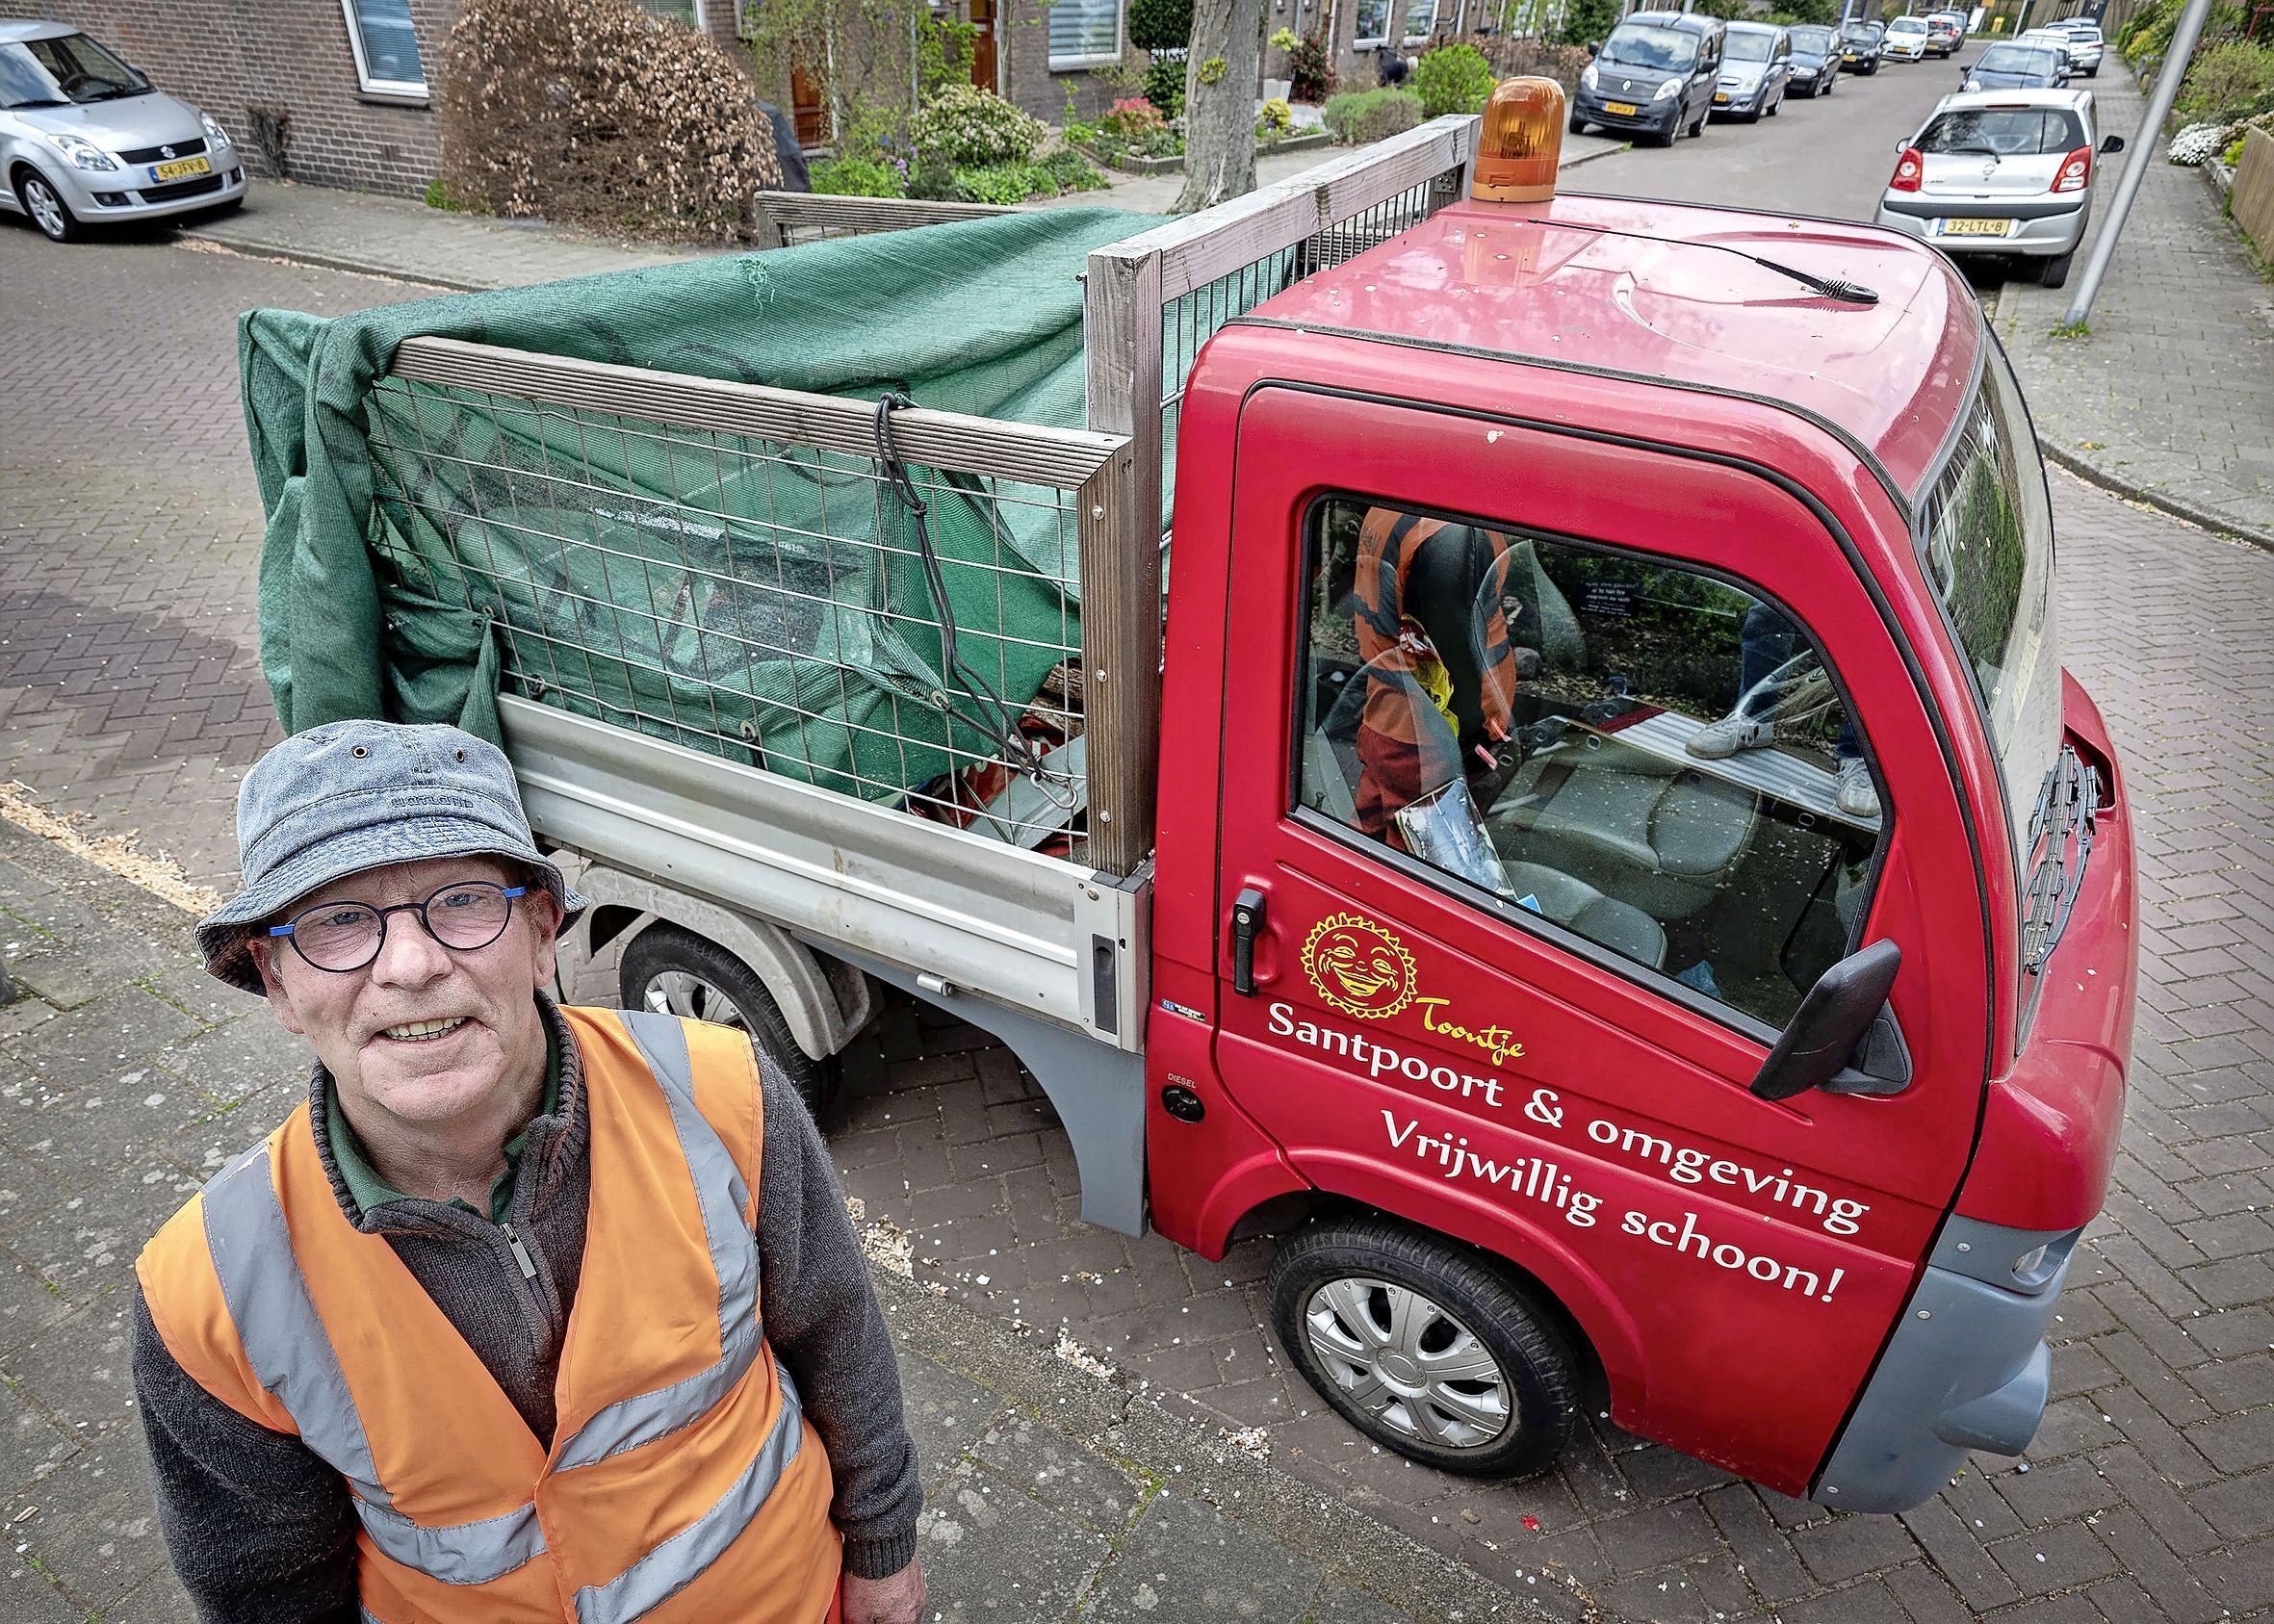 Bijna elke dag gaat Toon op pad om straatvuil op te ruimen maar nu is zijn karretje aan vervanging toe. Wie helpt hem uit de brand?